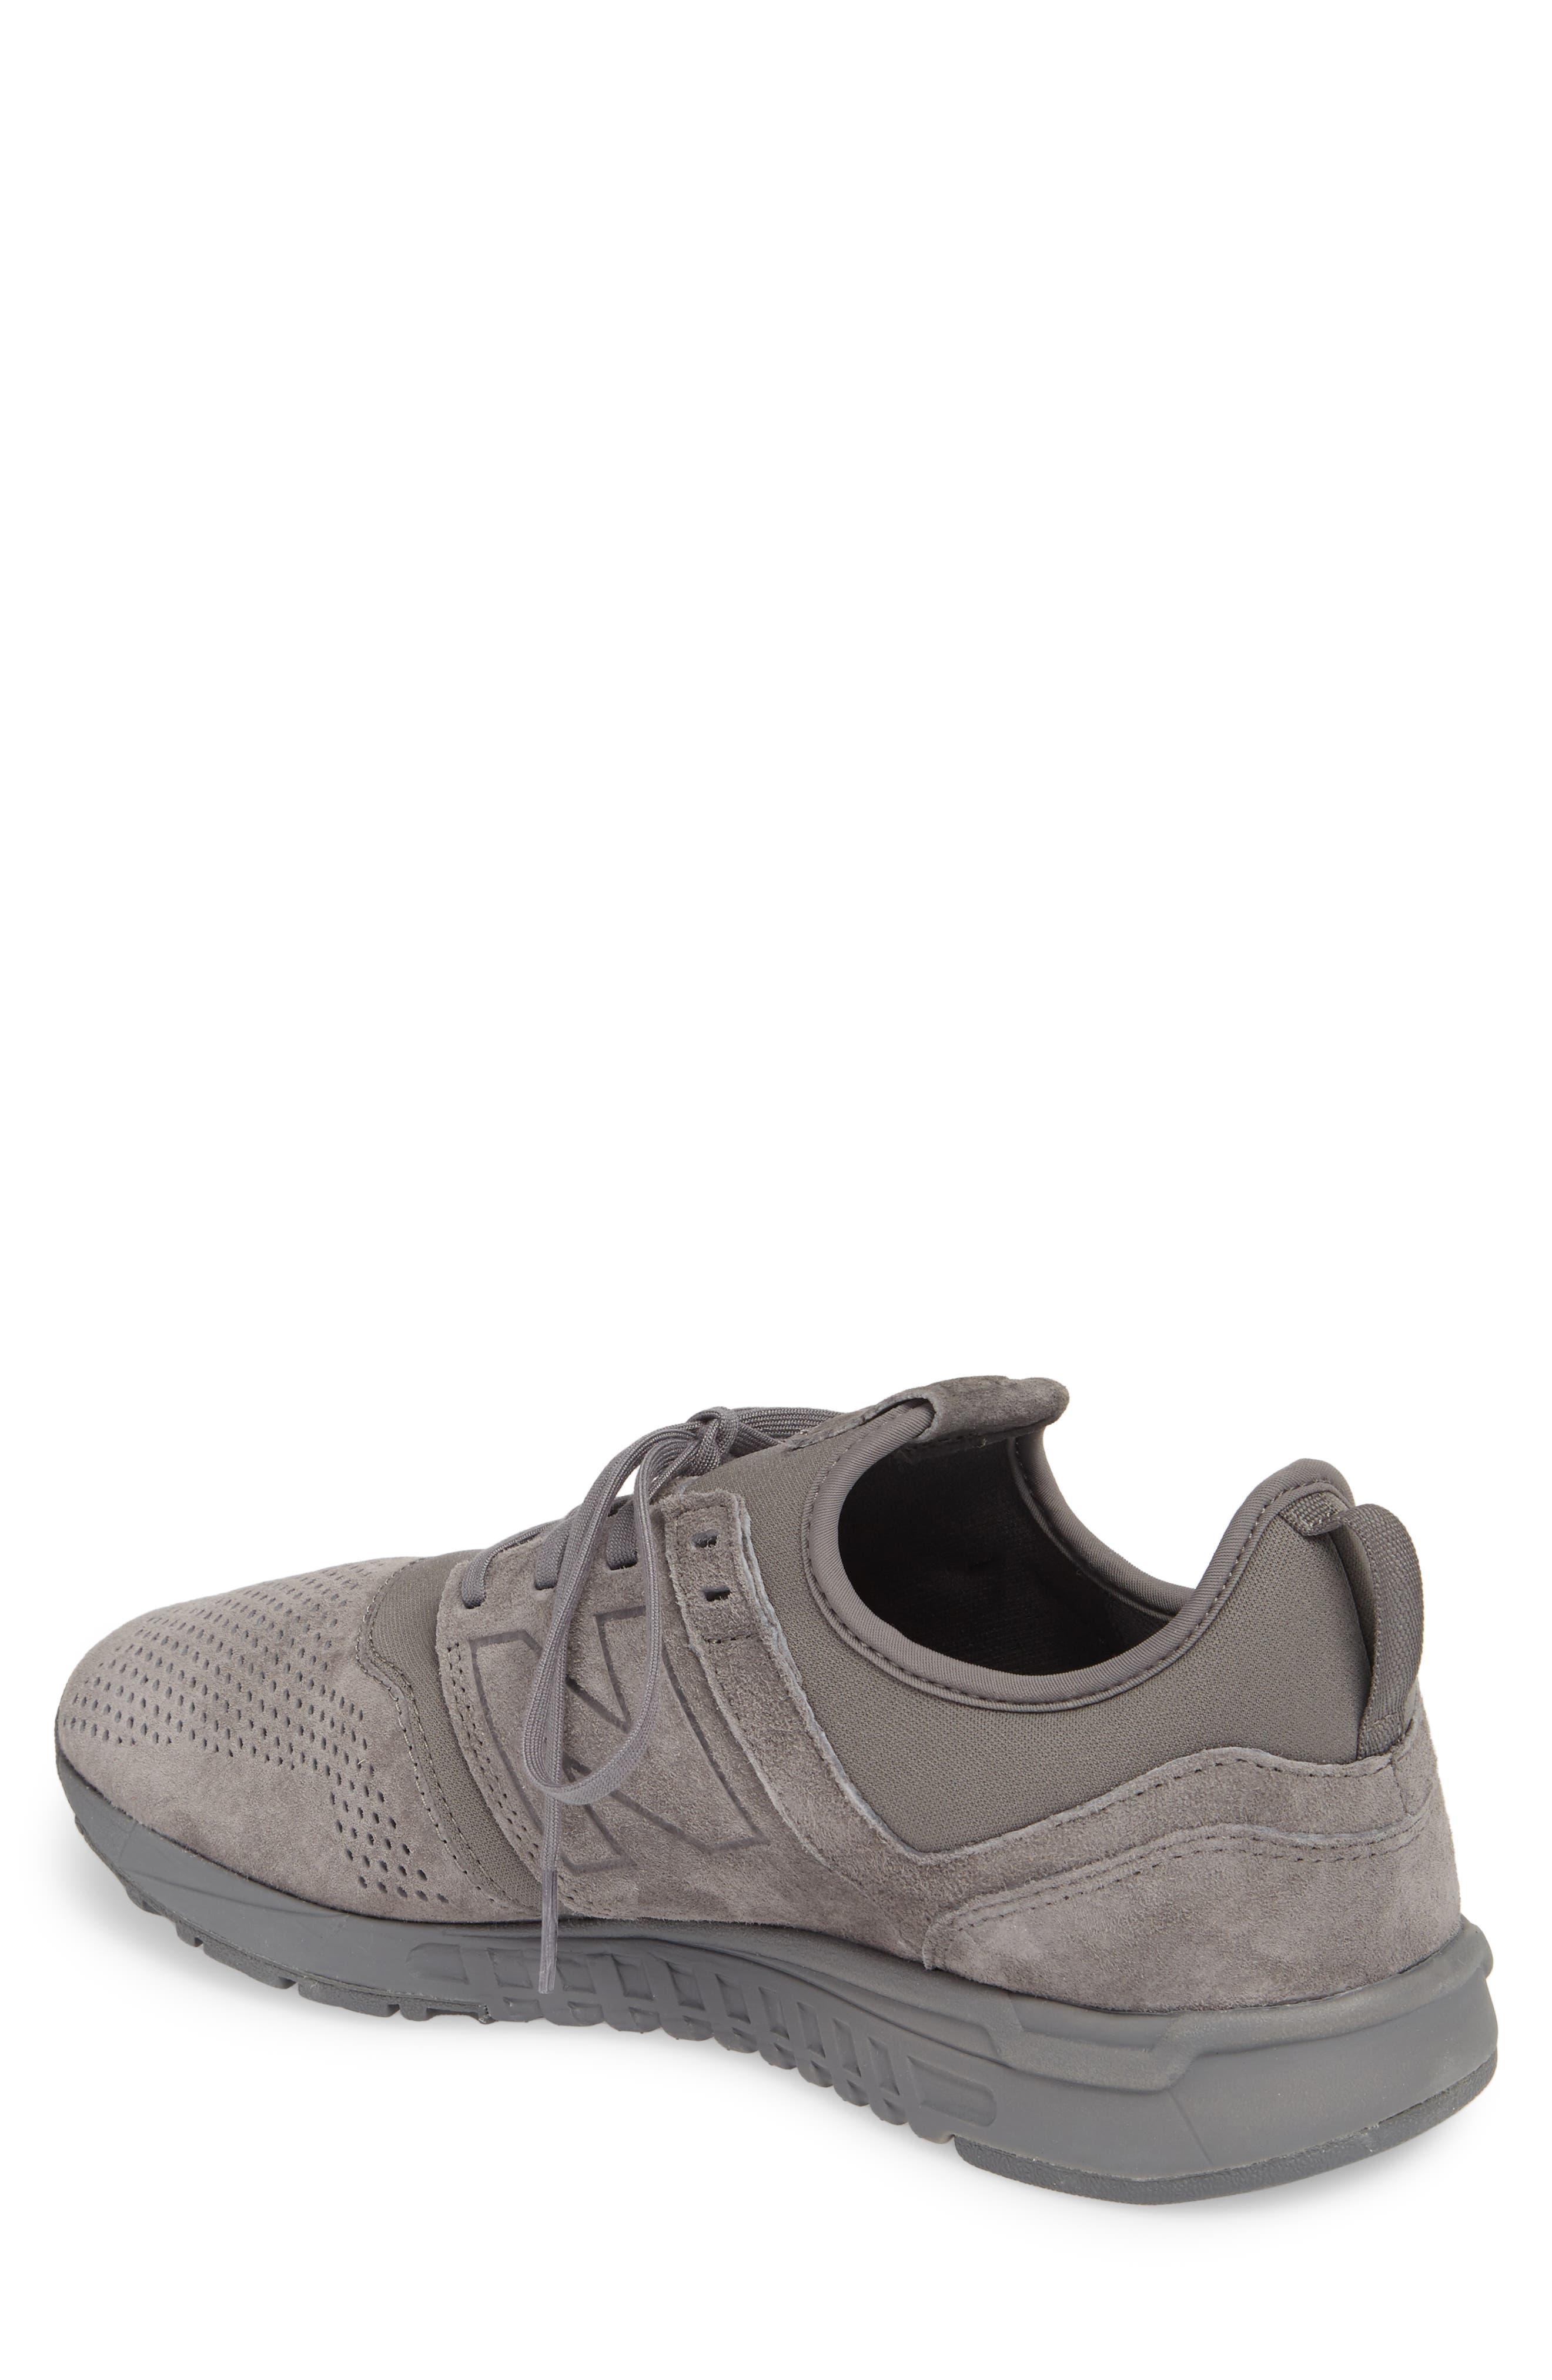 MRL247 Sneaker,                             Alternate thumbnail 2, color,                             Grey